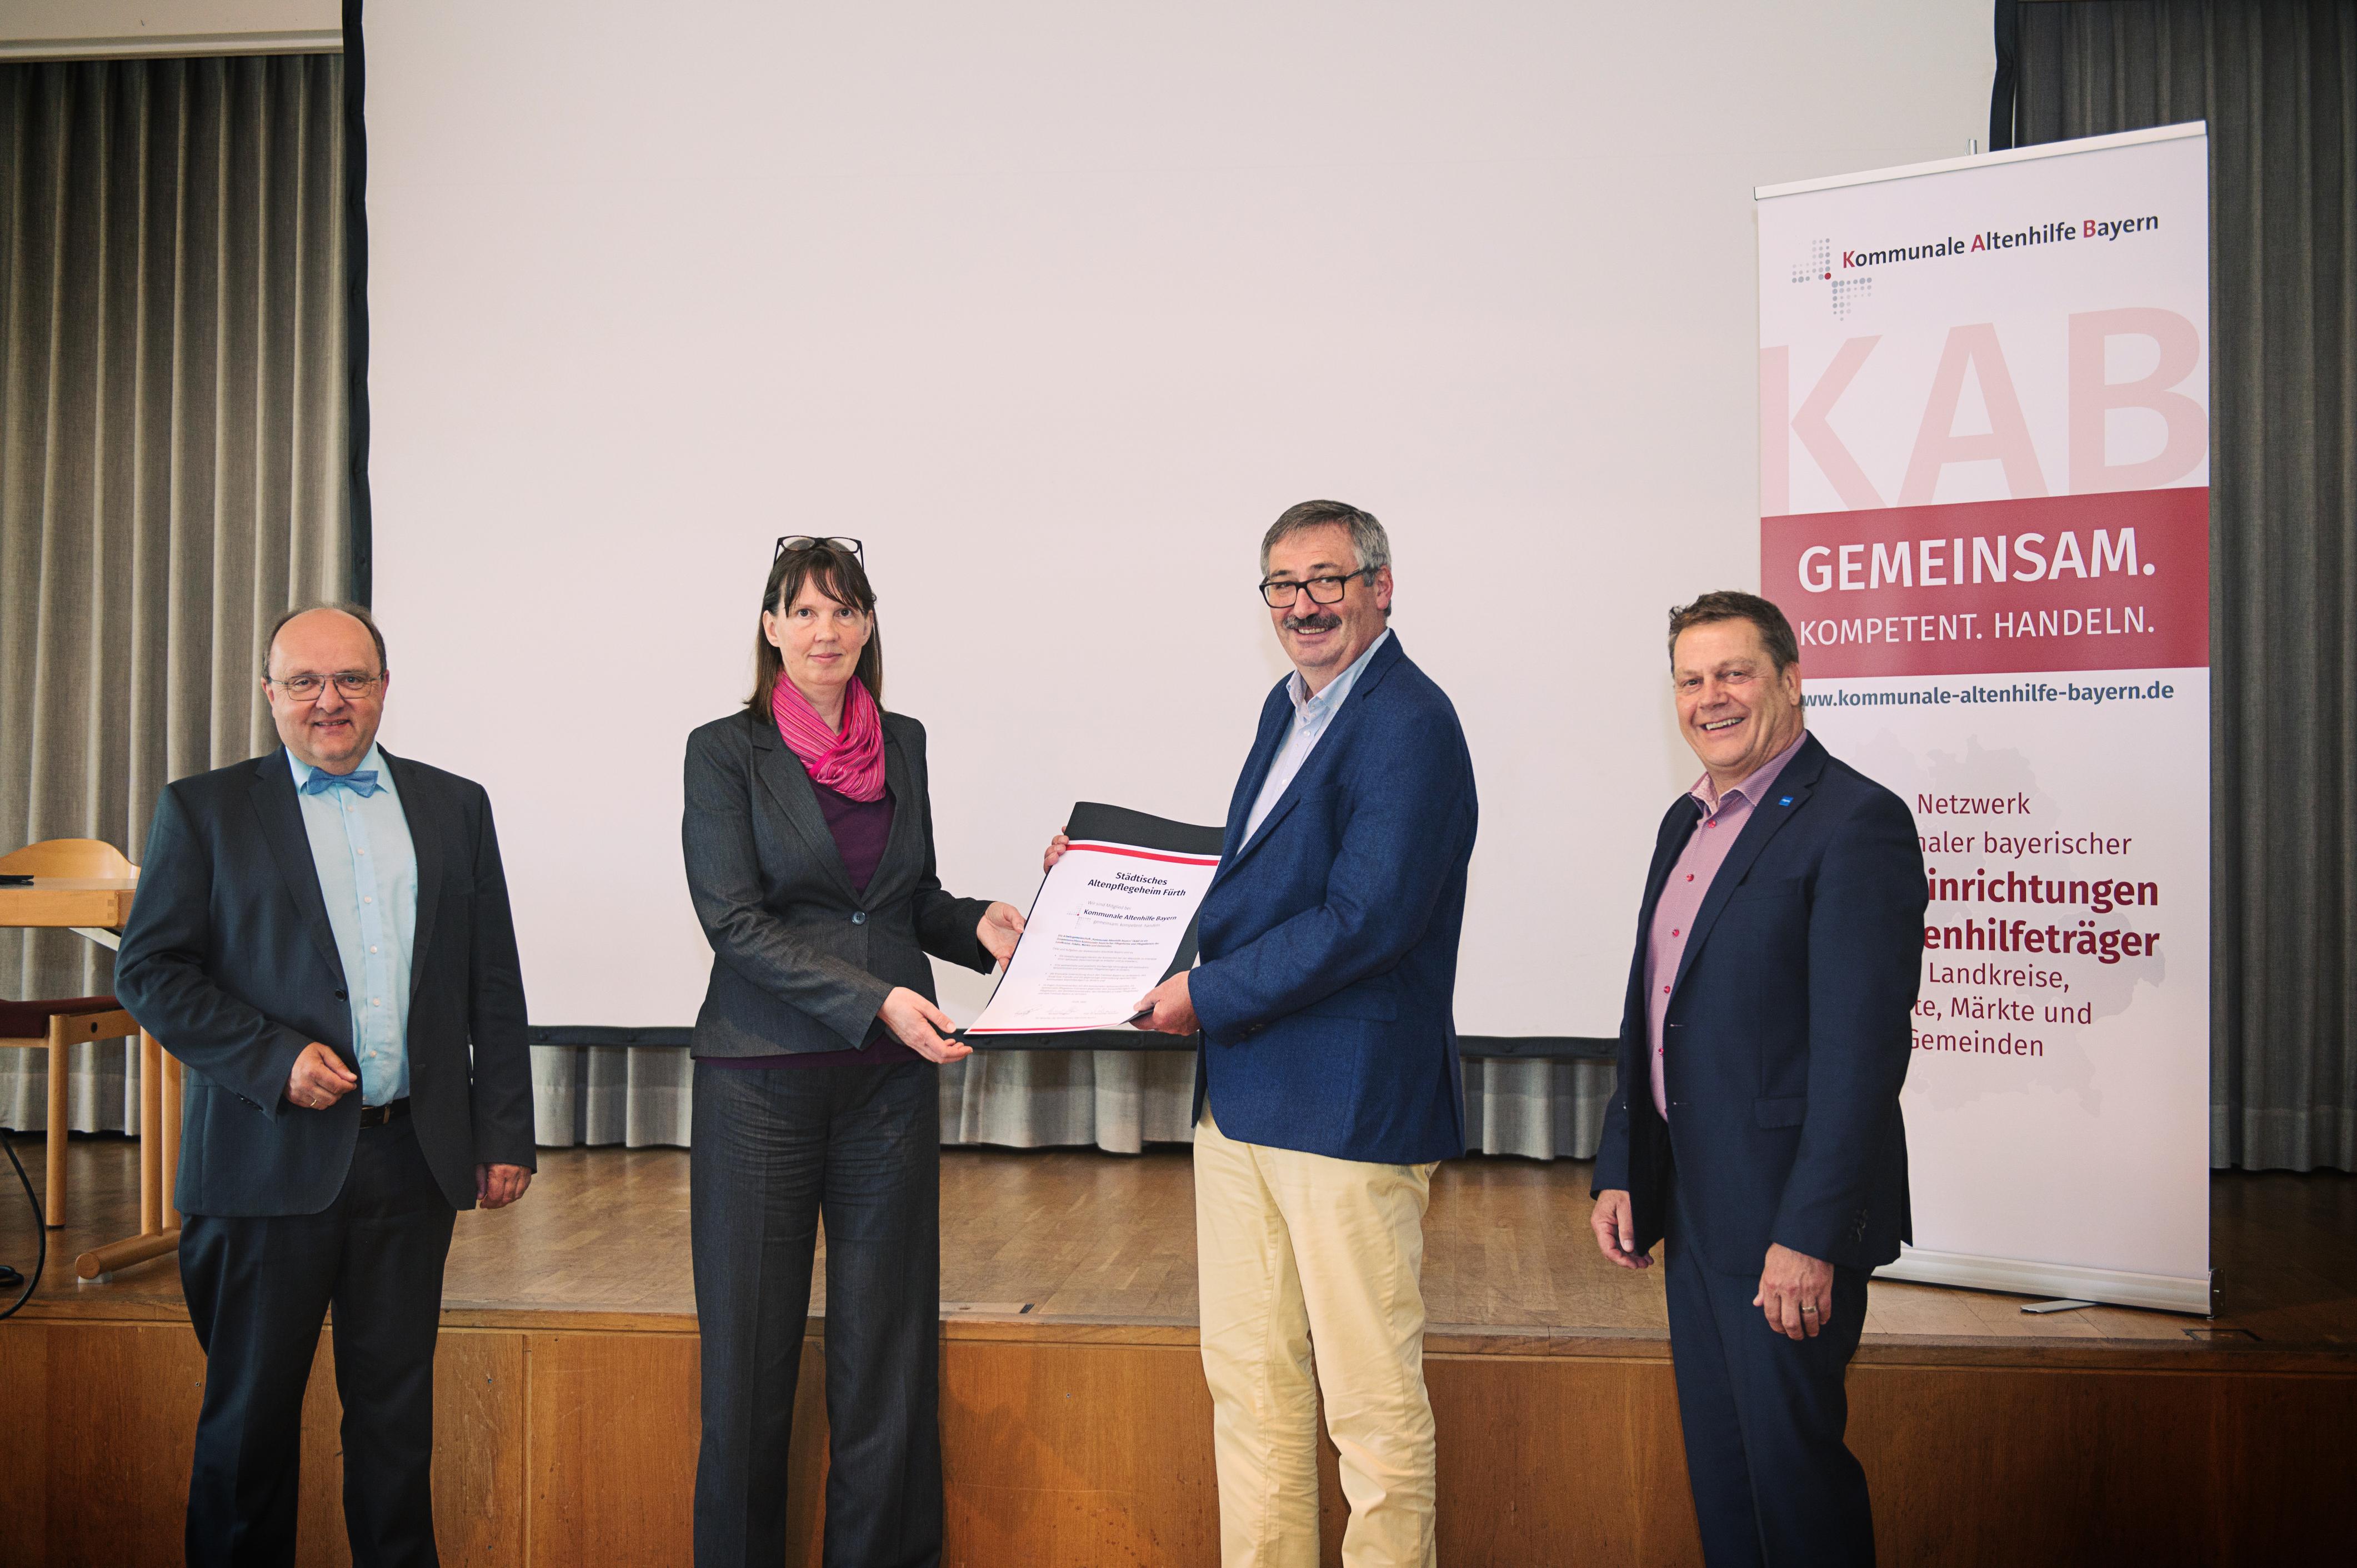 Neues Mitglied: Städtisches Altenpflegeheim Fürth